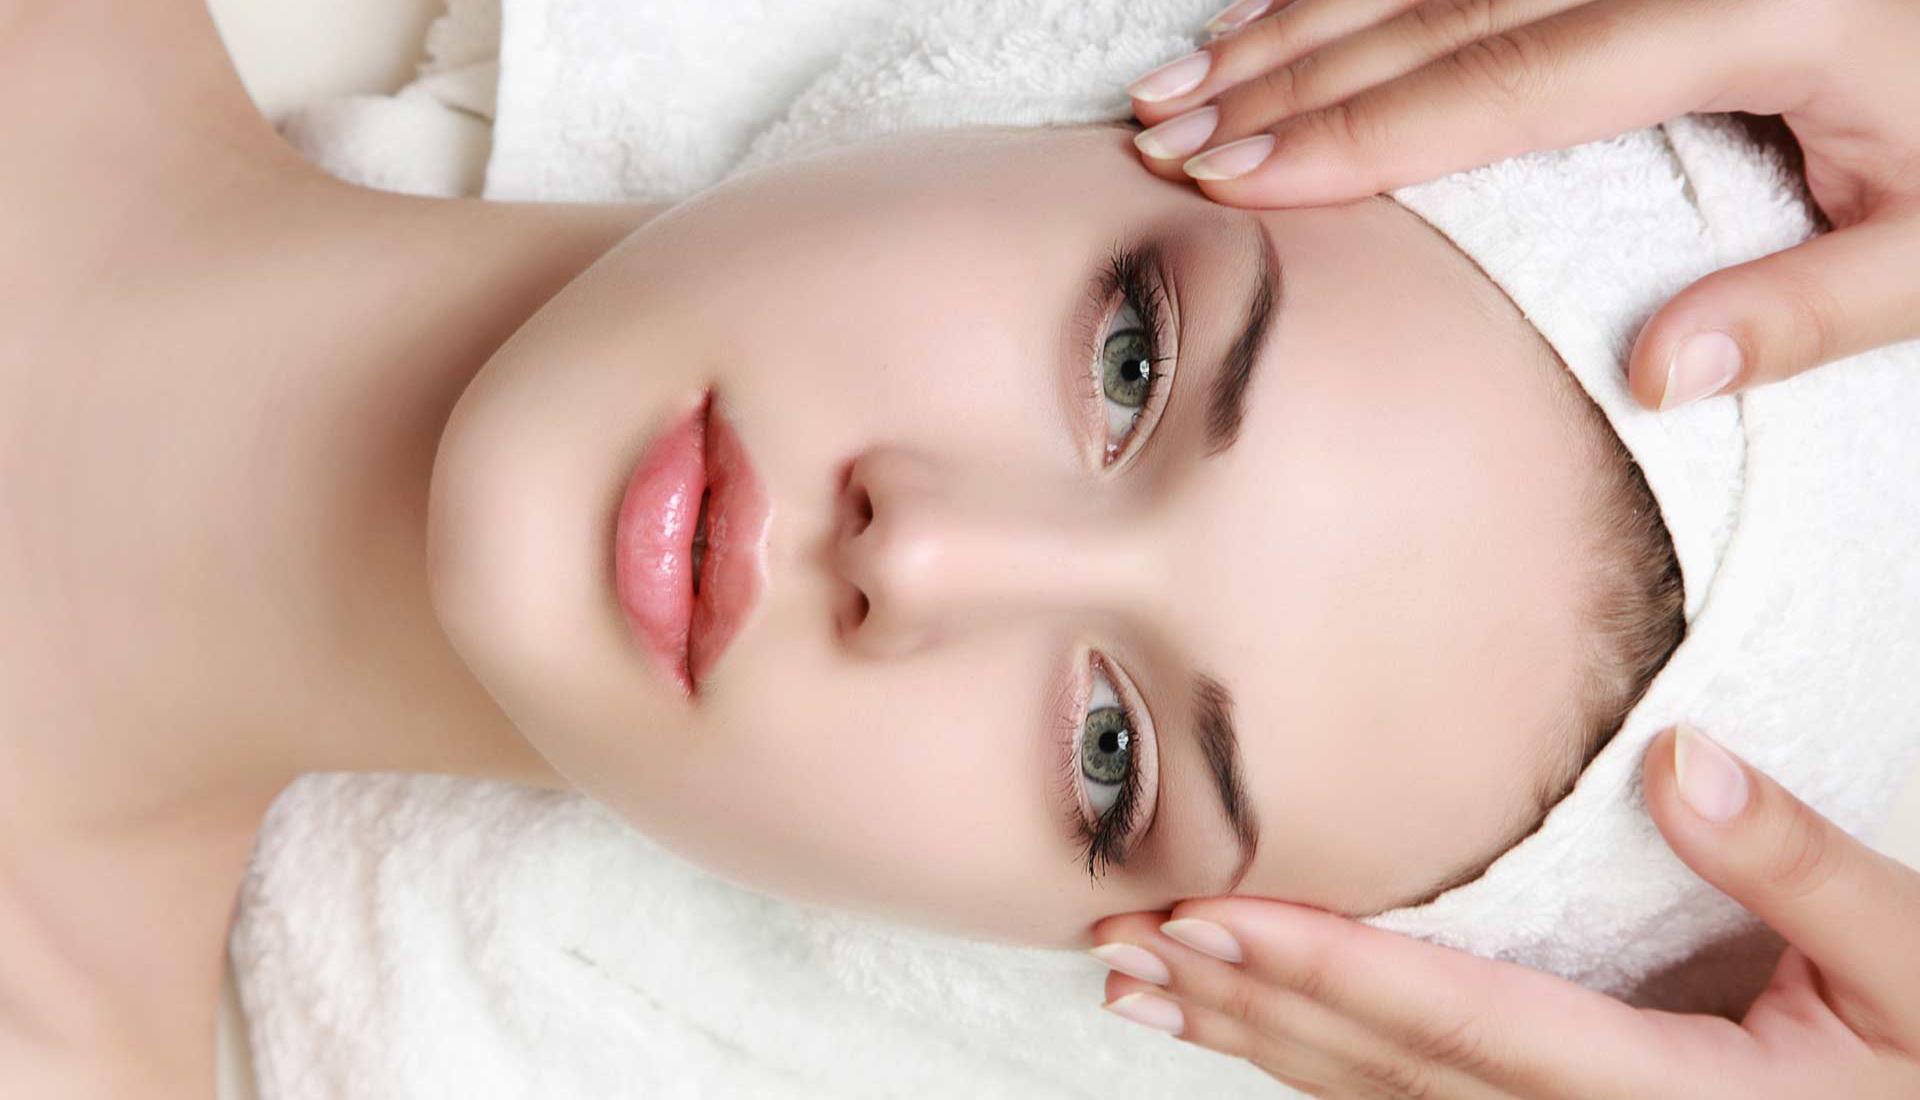 कैसे करें सर्दियों में त्वचा की देखभाल, जानना आपके लिए भी है जरूरी